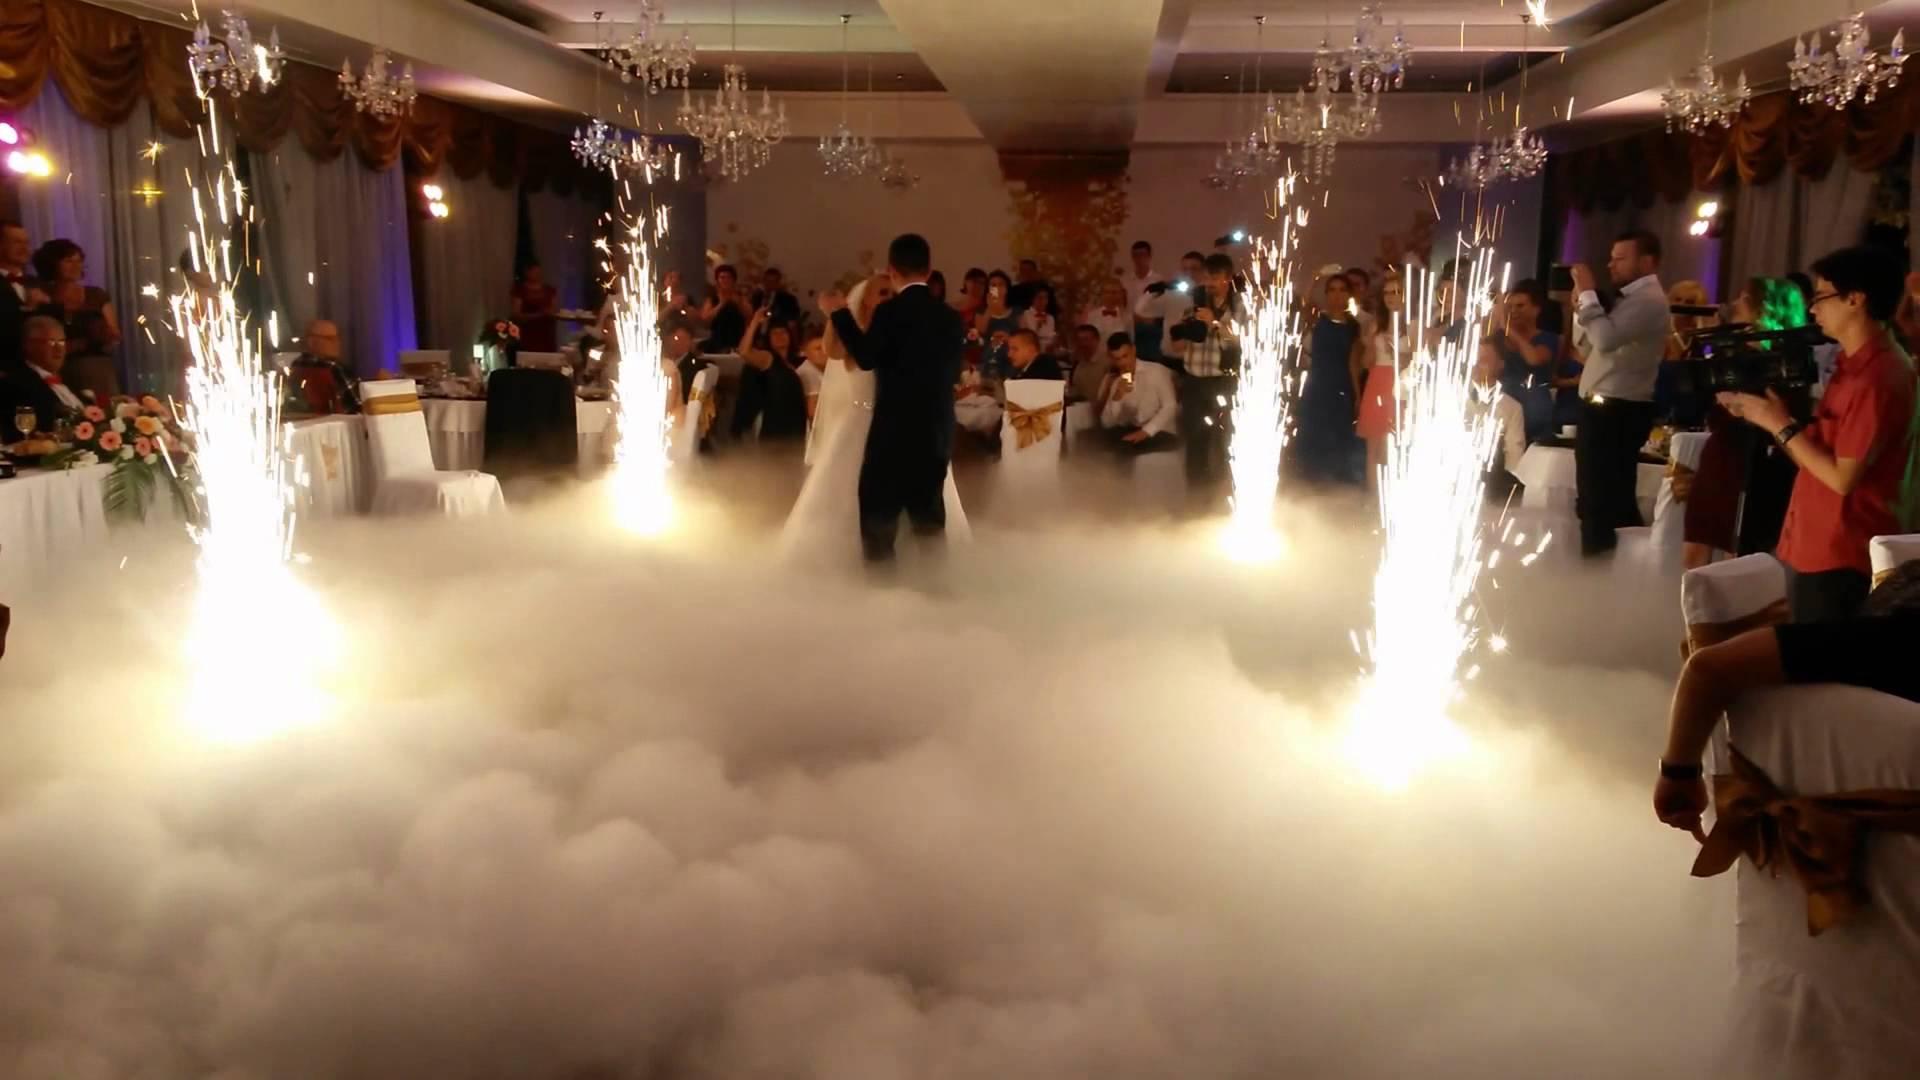 fum-greu-nunta-fum-greu-dansul-mirilor